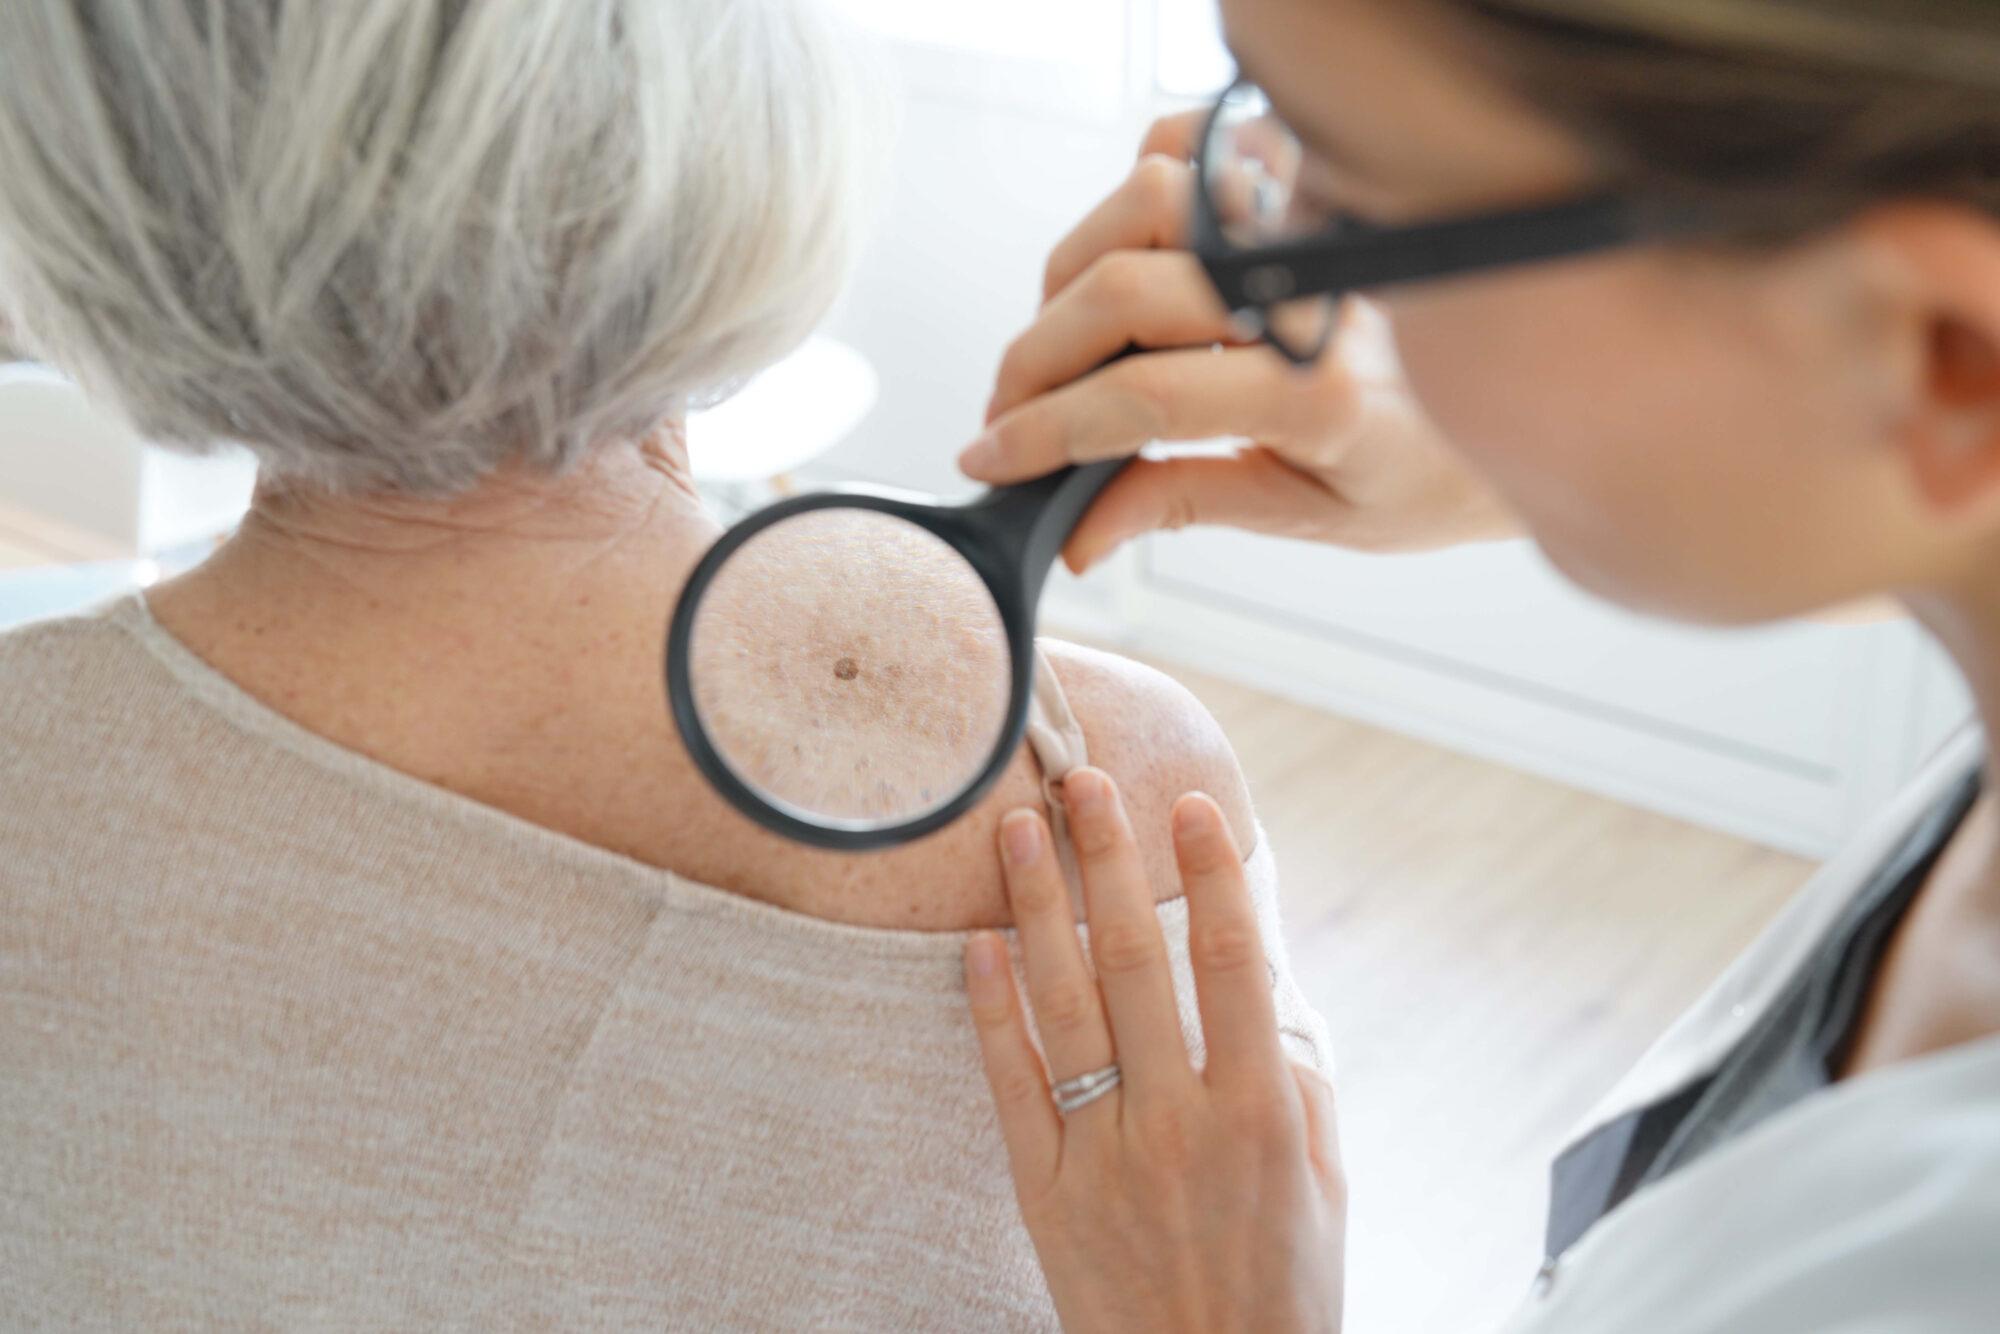 Huidkankerweek: 'Check je huid op verdachte plekjes'